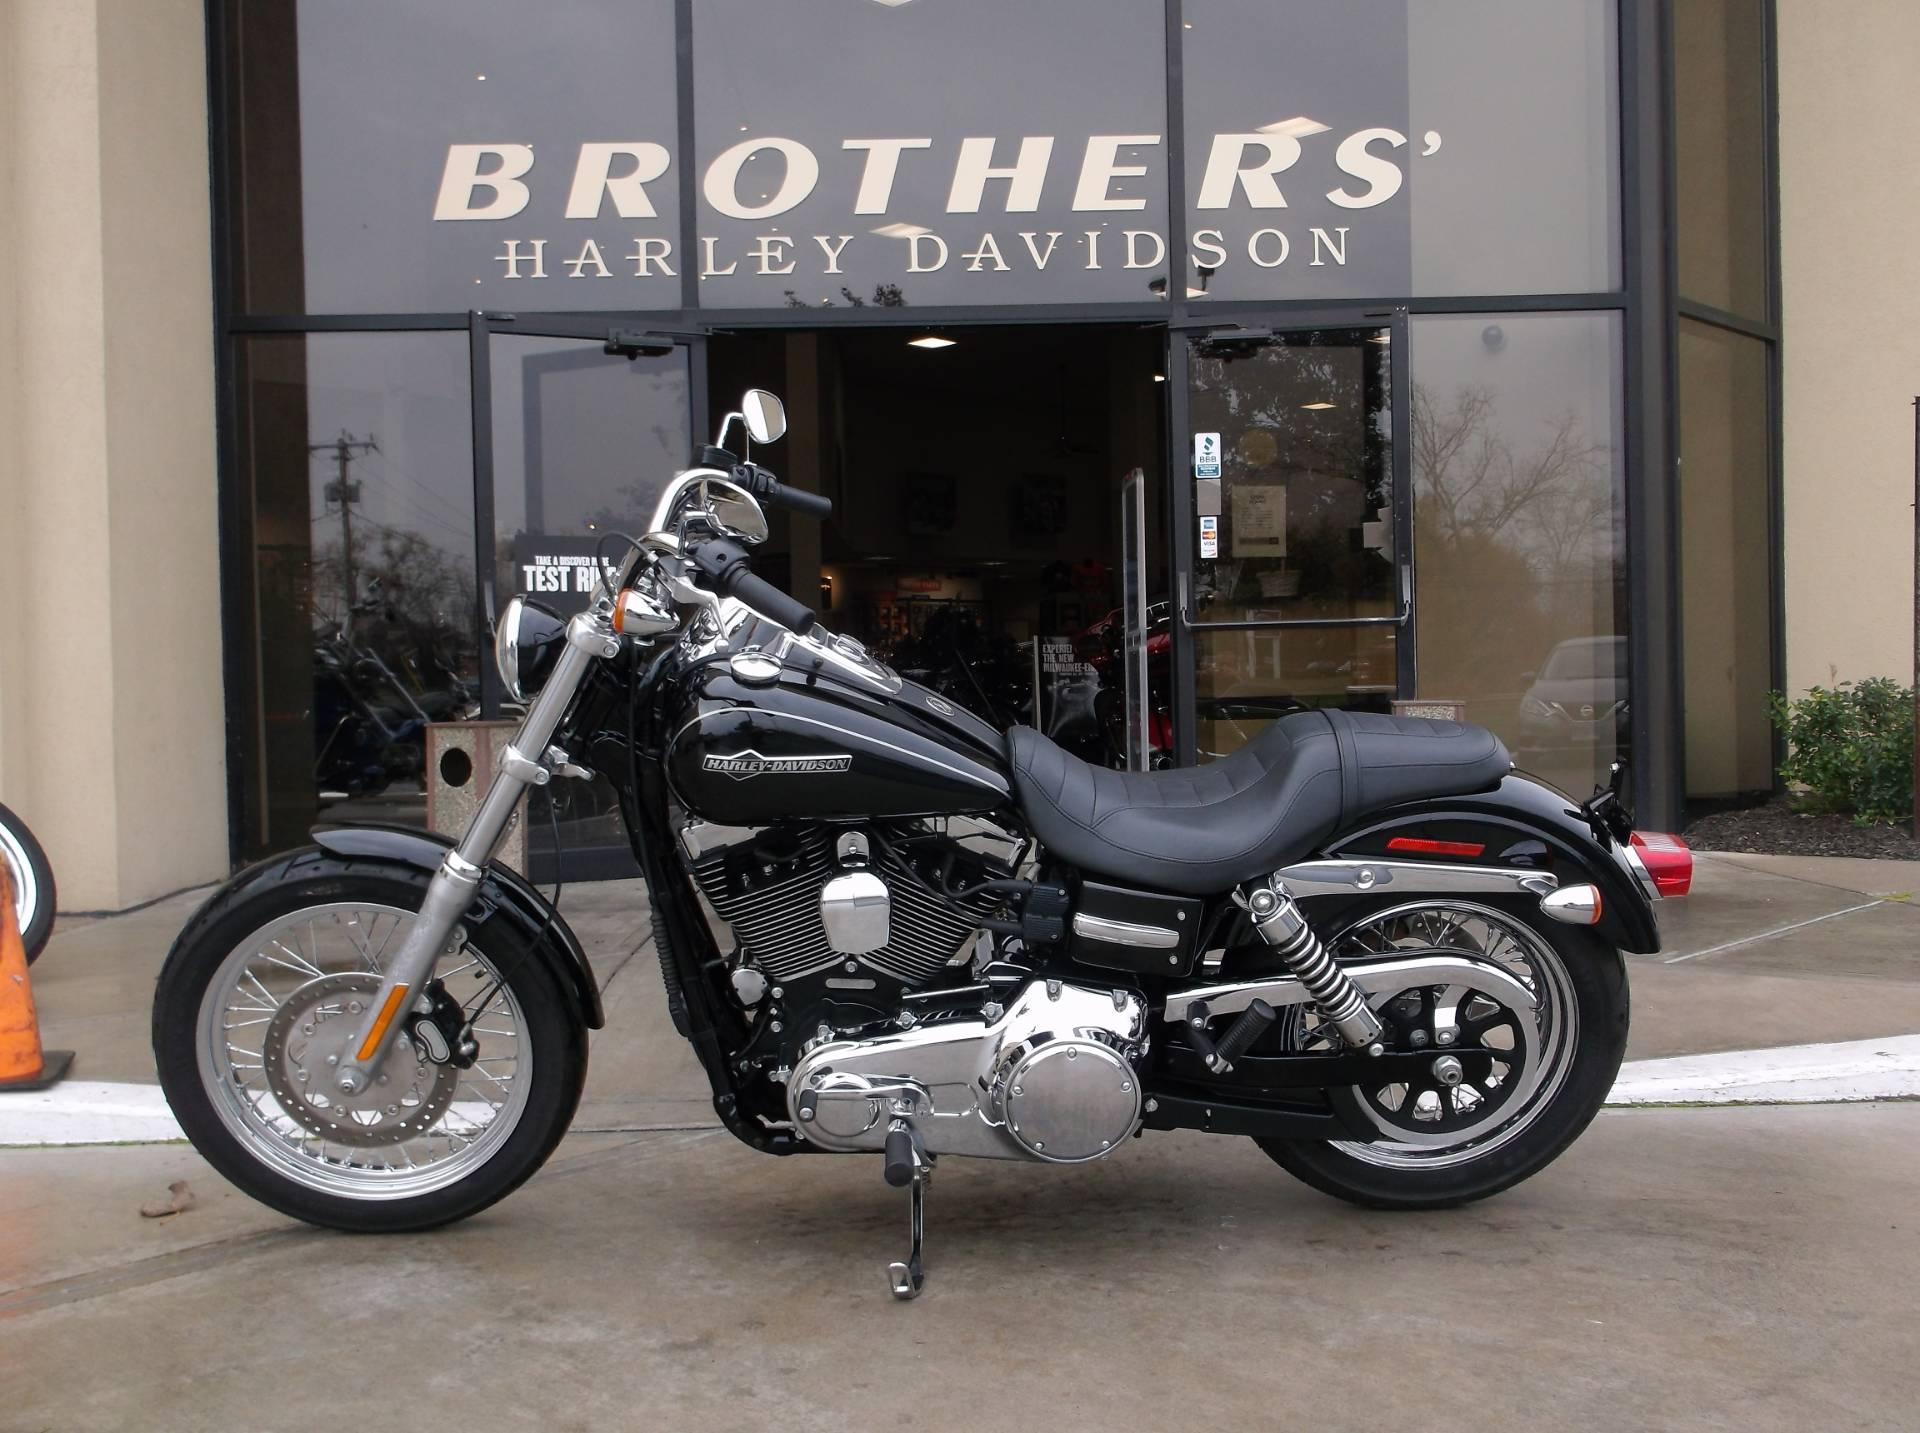 2011 Harley Davidson Fxdc Dyna Super Glide For Sale On: 2011 Harley-Davidson Dyna Super Glide Custom For Sale